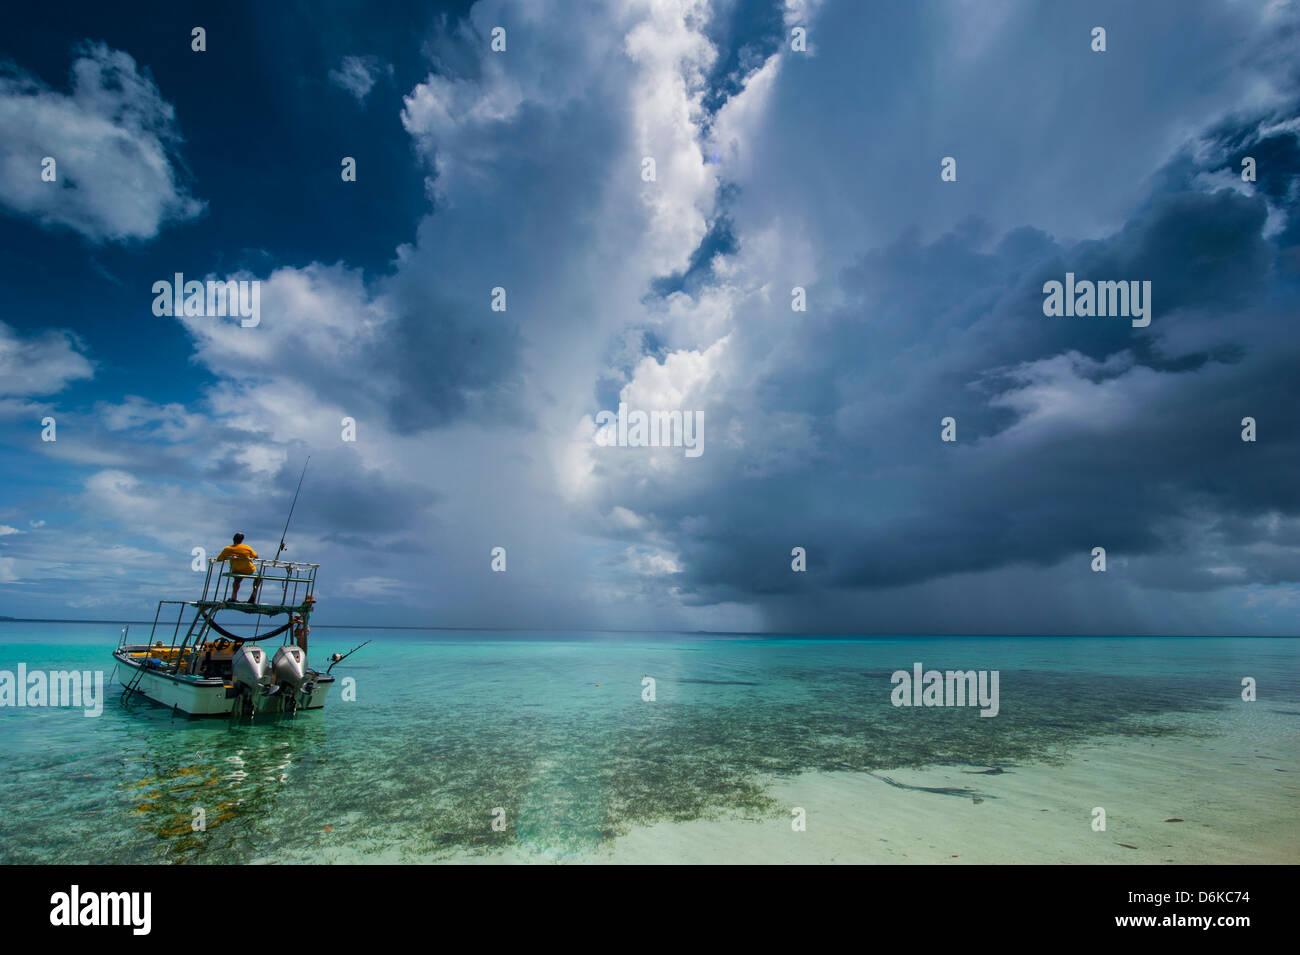 Kleines Motorboot in das türkisfarbene Wasser des Ant-Atoll, Pohnpei, Mikronesien, Pazifik Stockbild